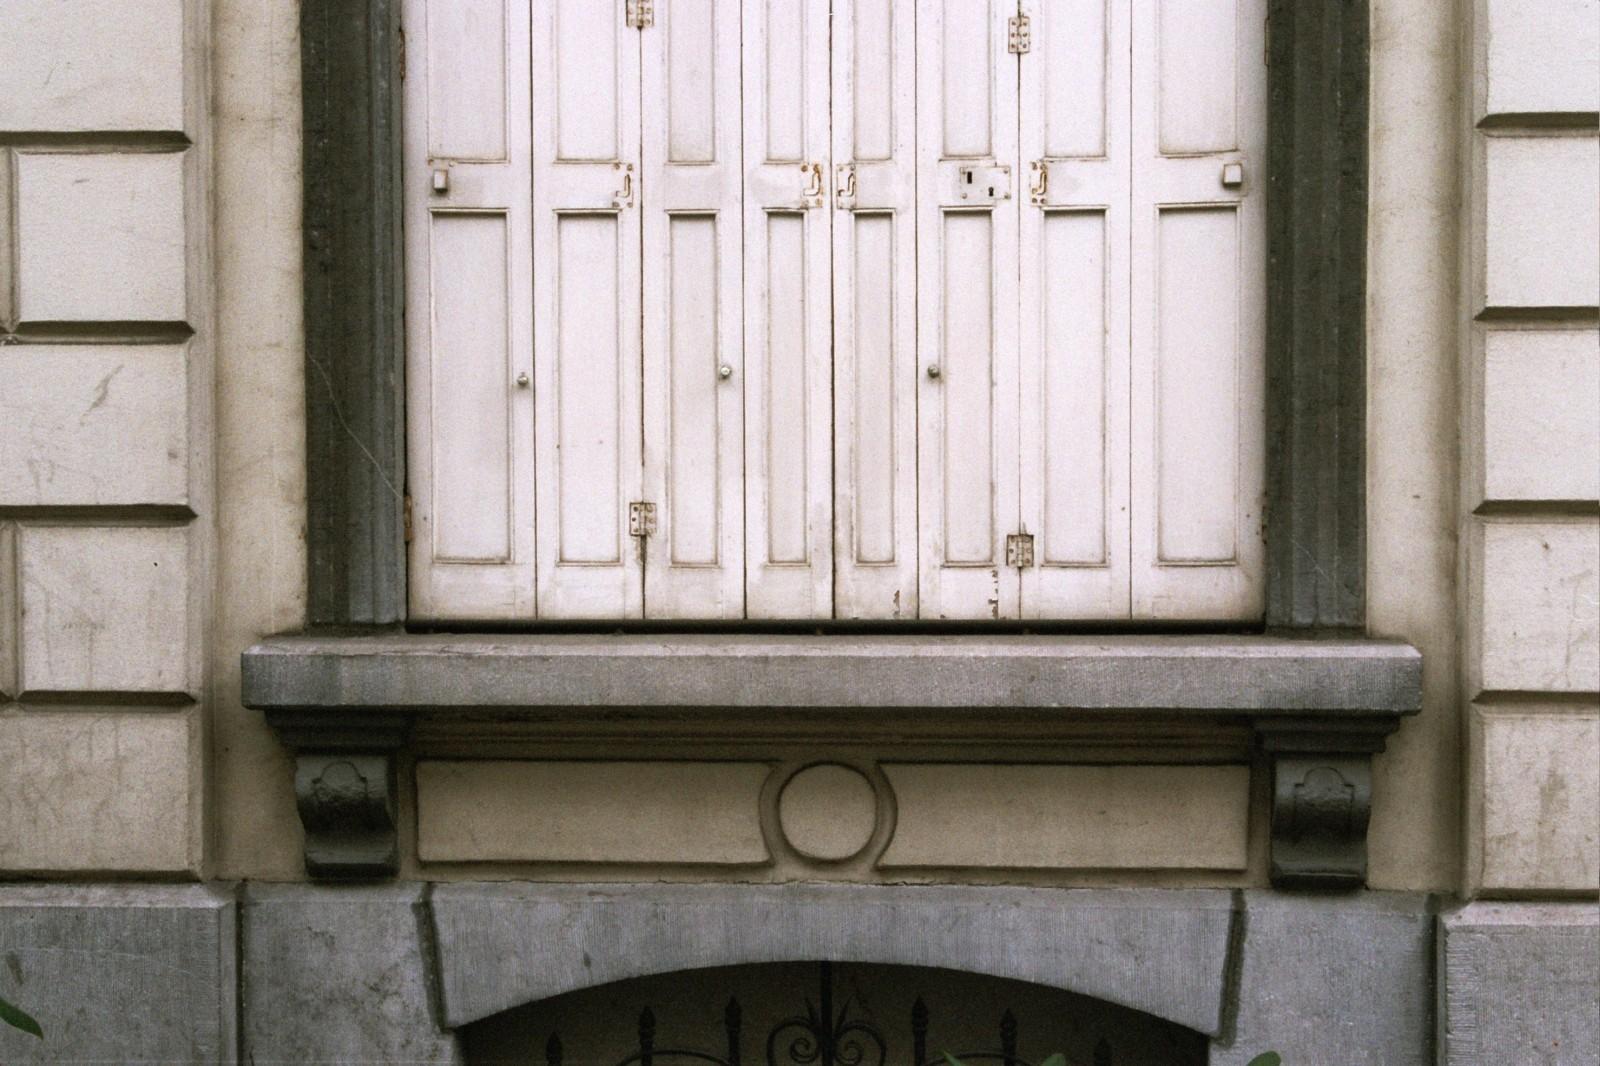 Appui de fenêtre, rue Potagère 77, Saint-Josse-ten-Noode, 1864., 2005